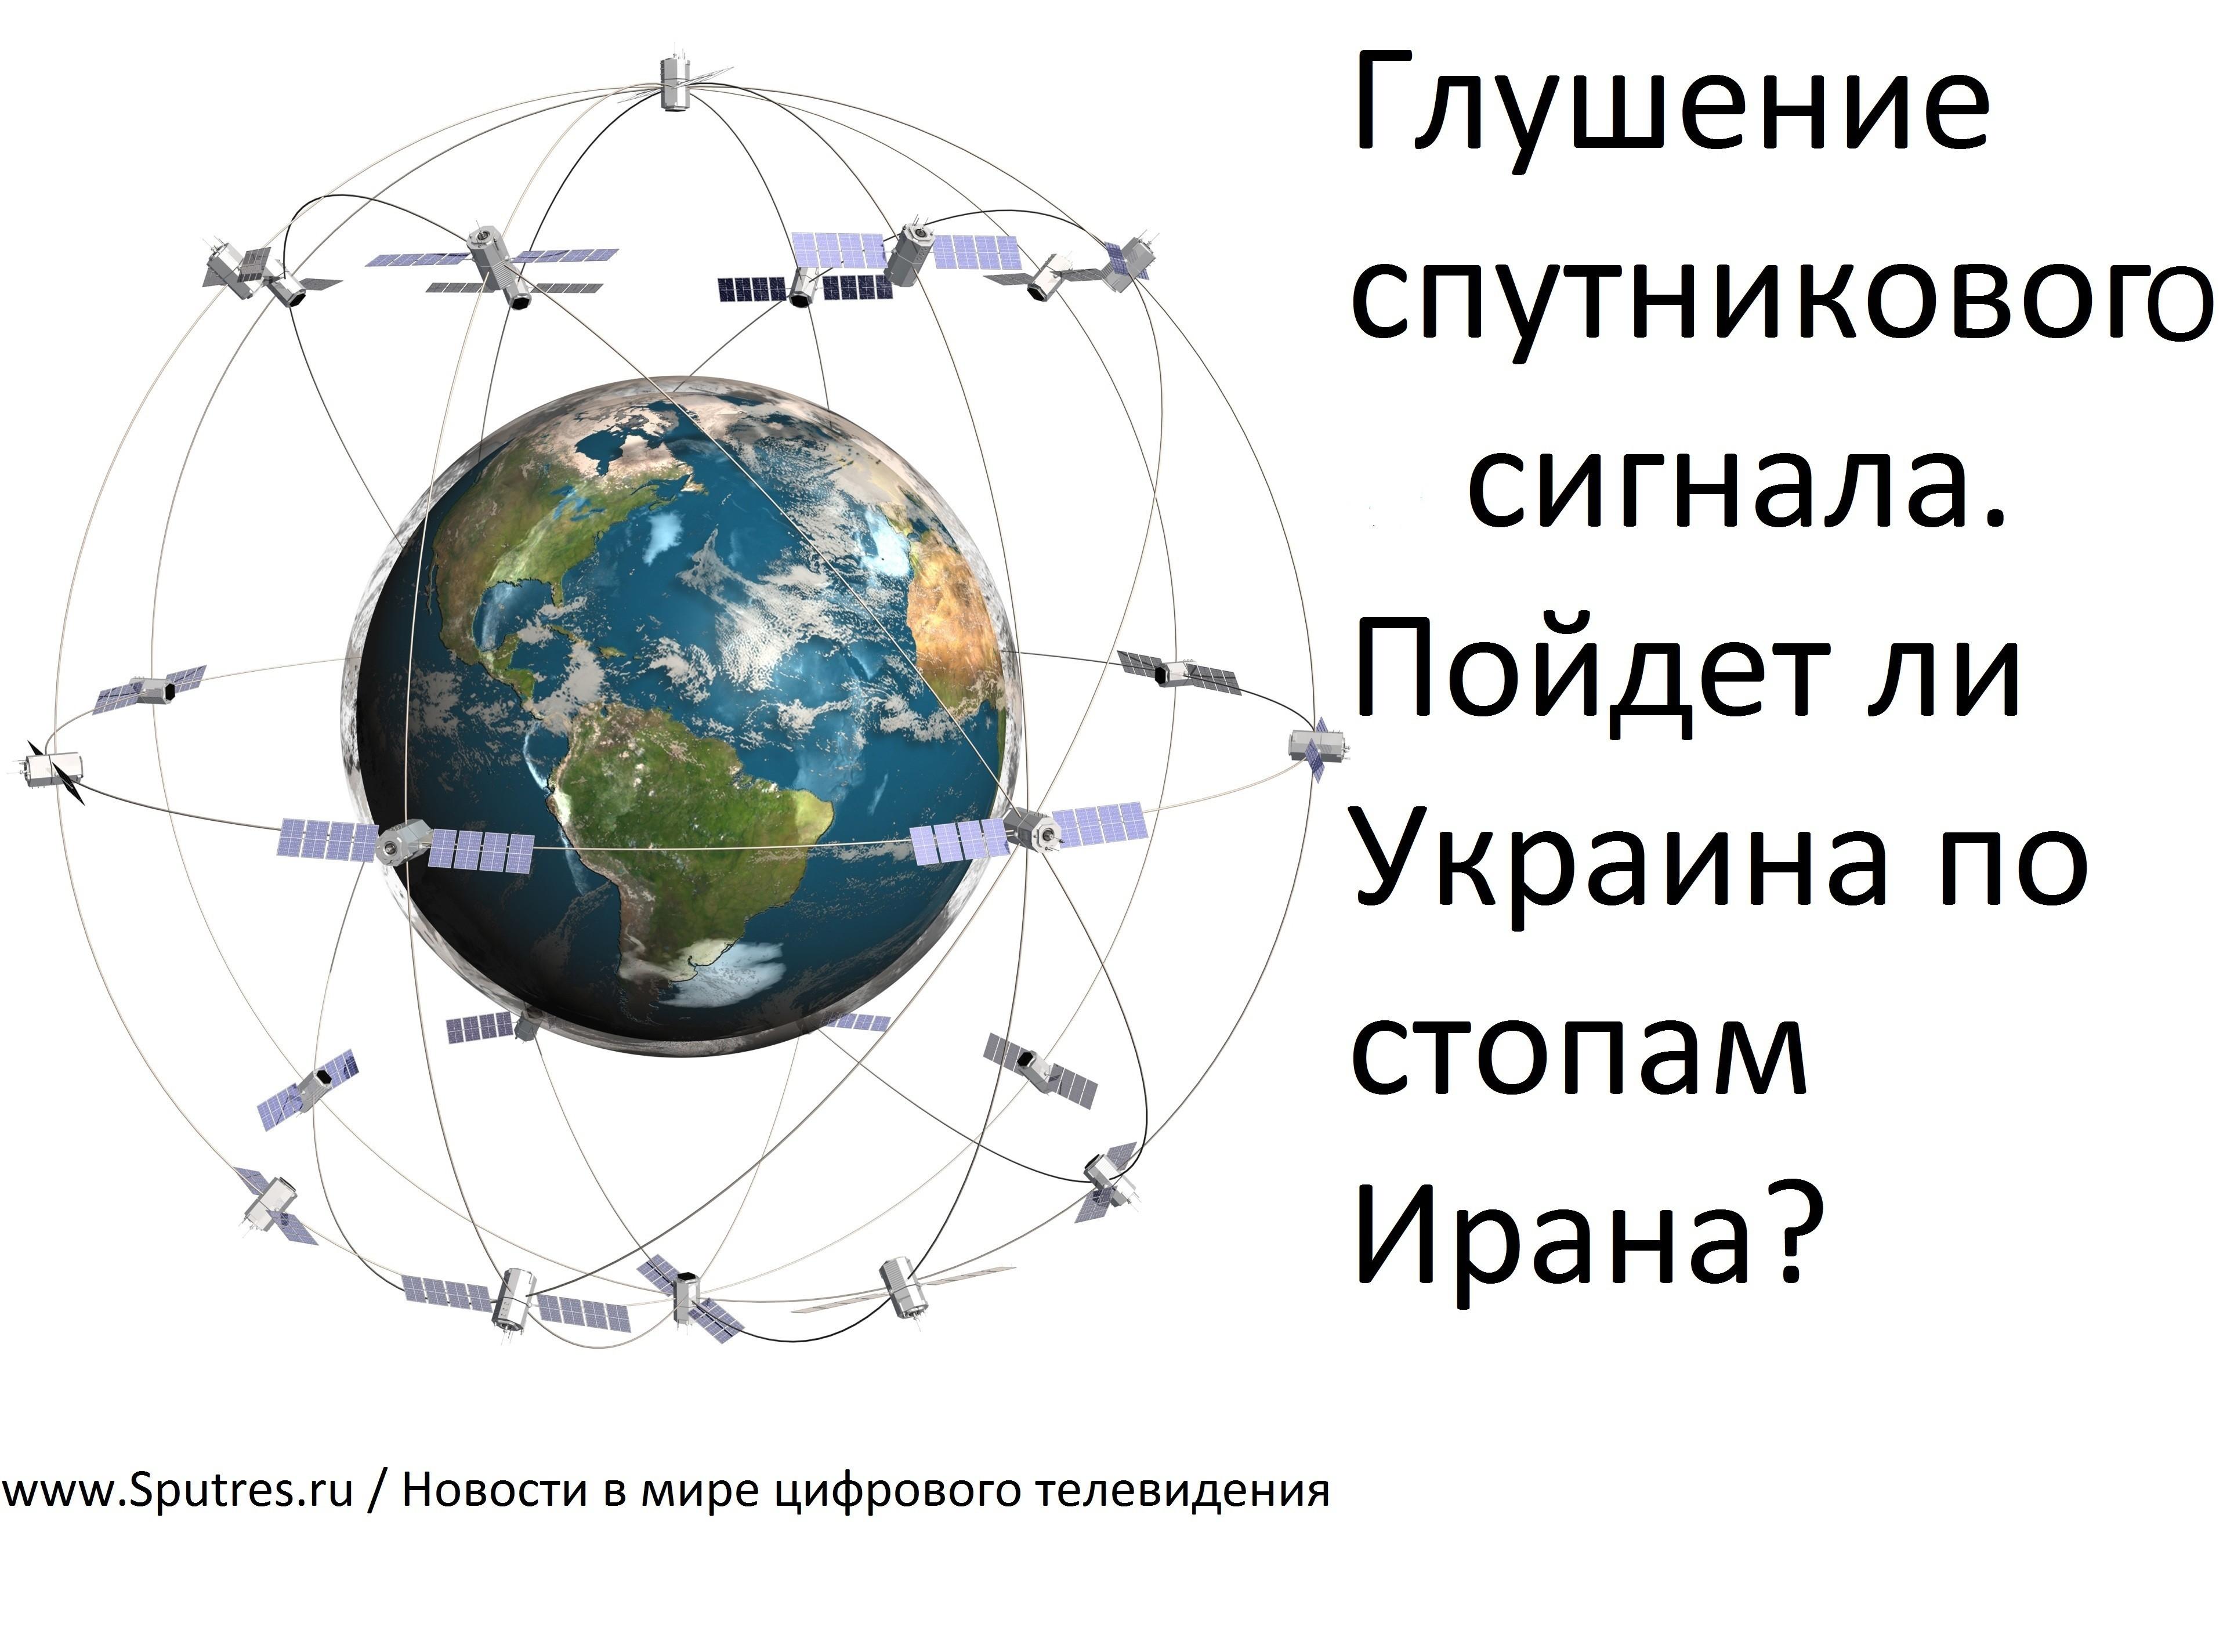 Глушение спутникового сигнала.Пойдет ли Украина по стопам Ирана?